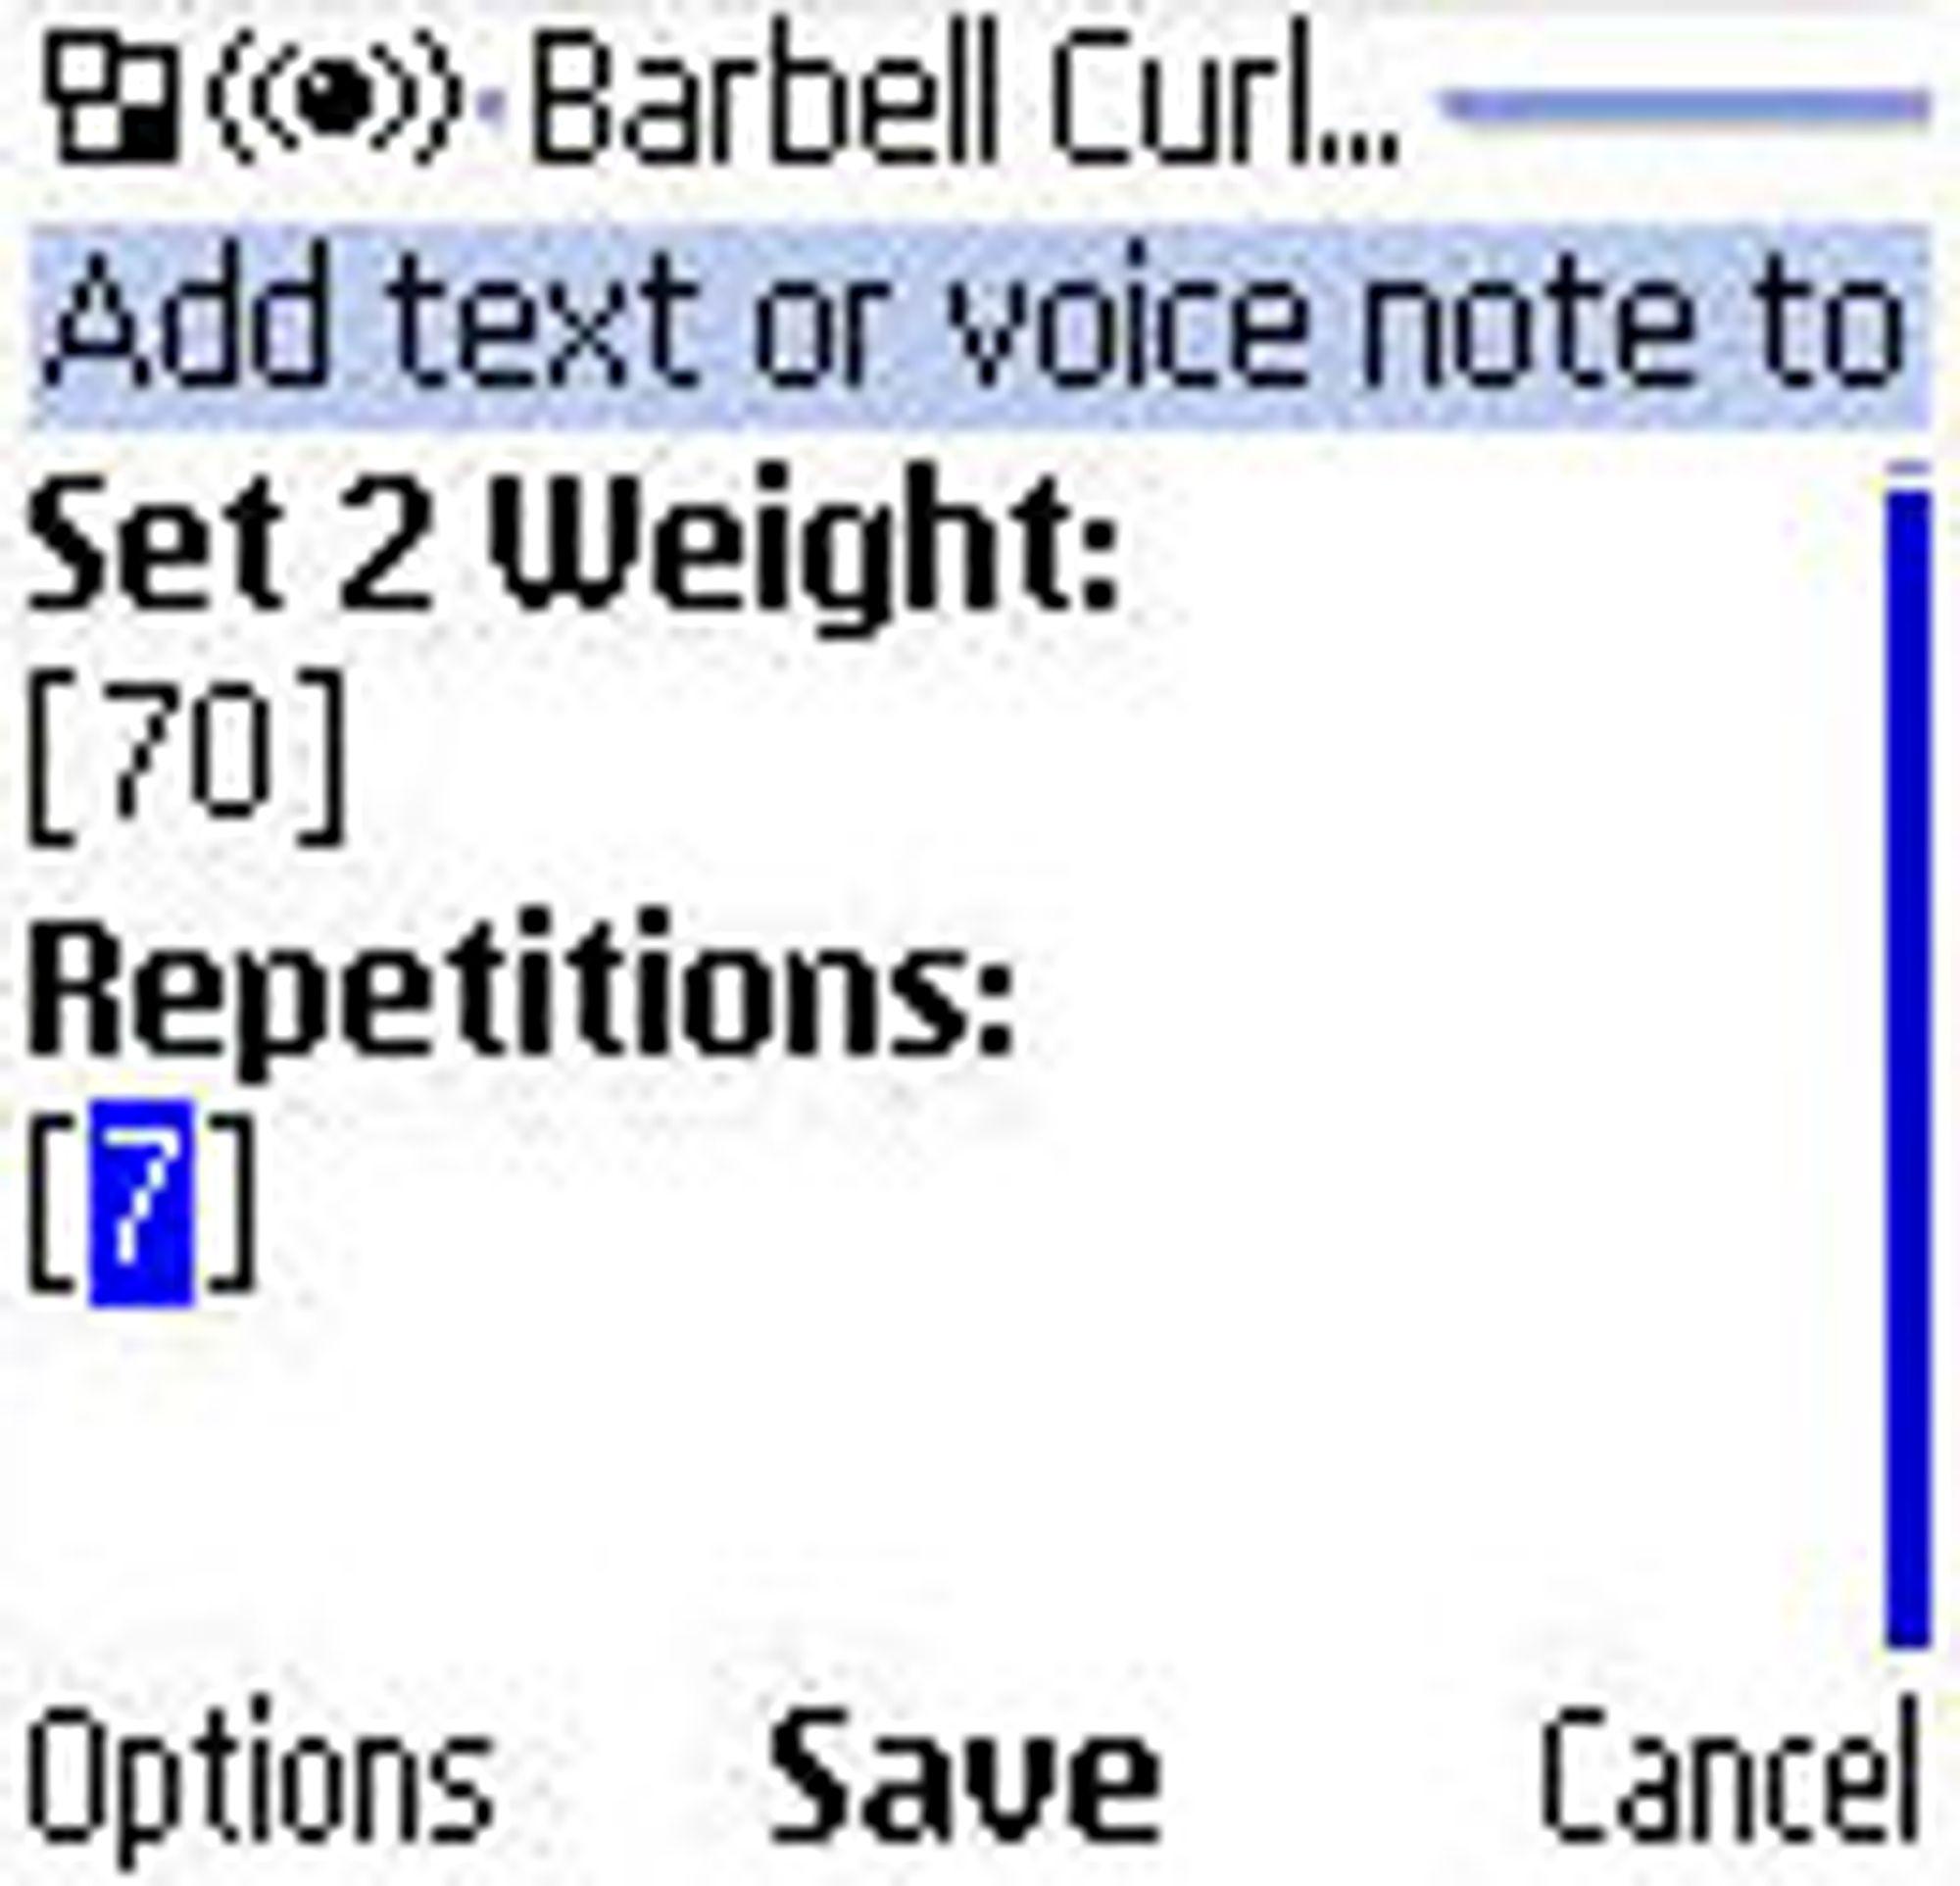 Alternativ tekst mangler